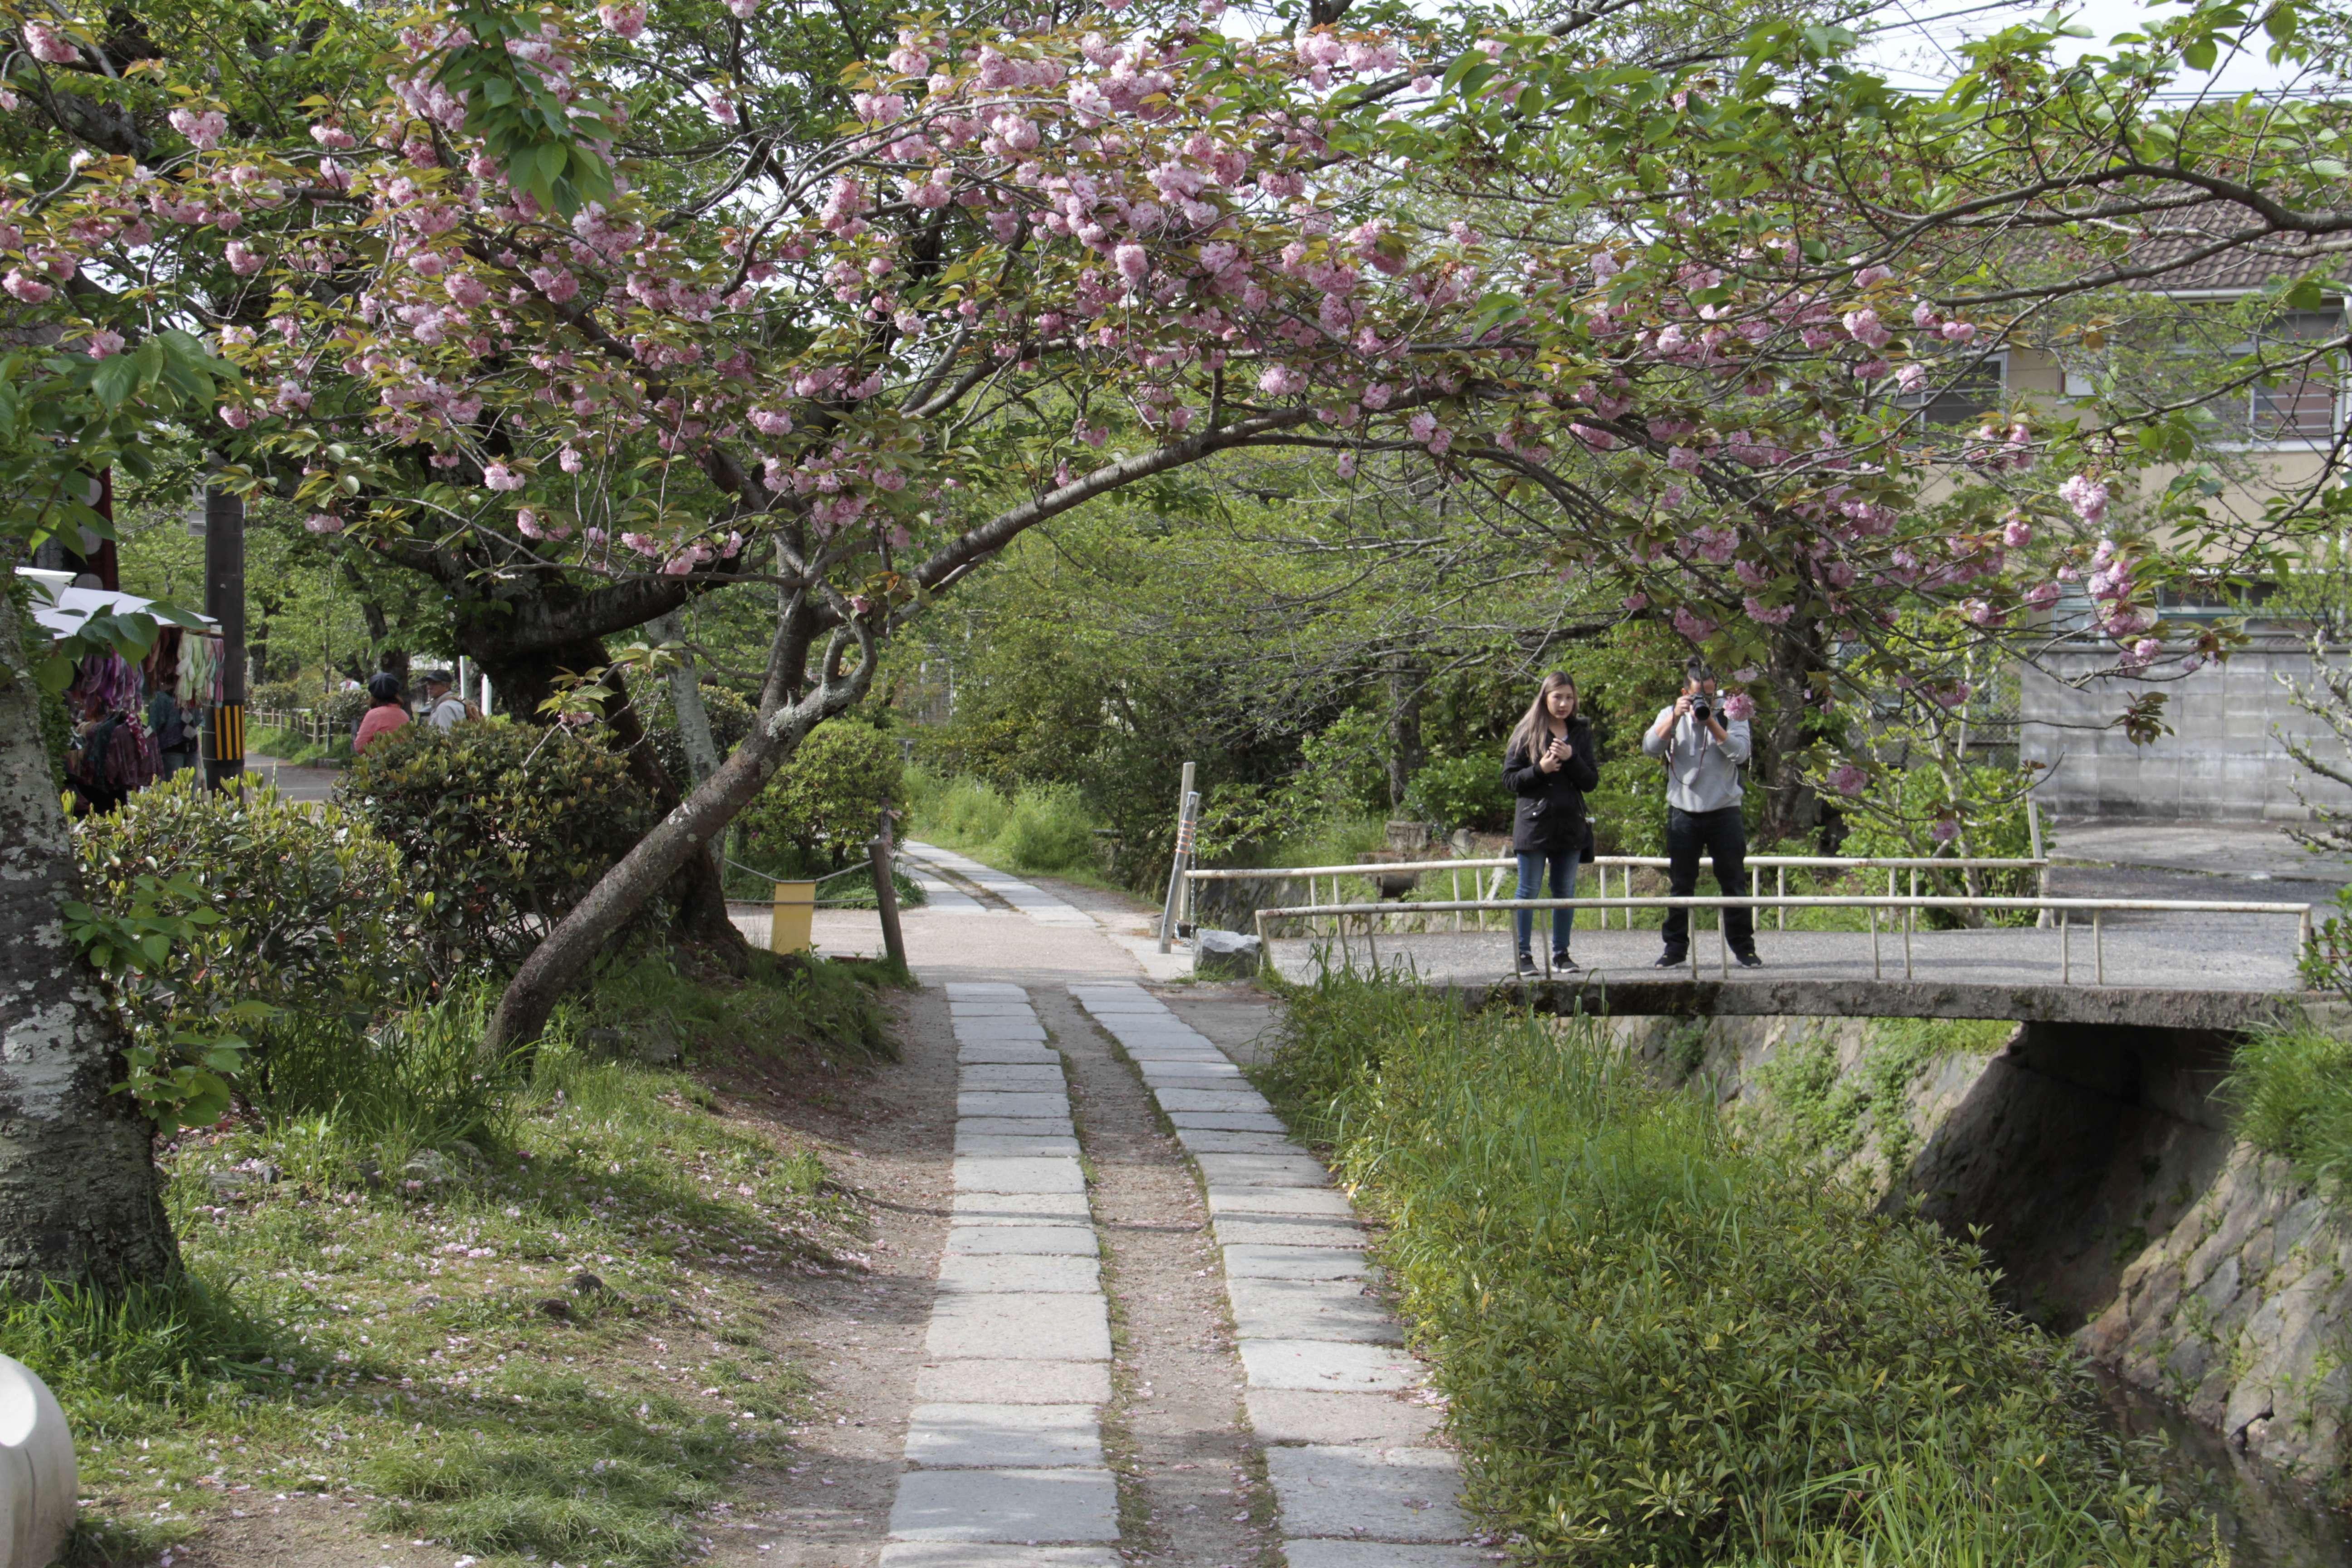 Japon avril 2017_0775 Kyoto chemin de la philosophie